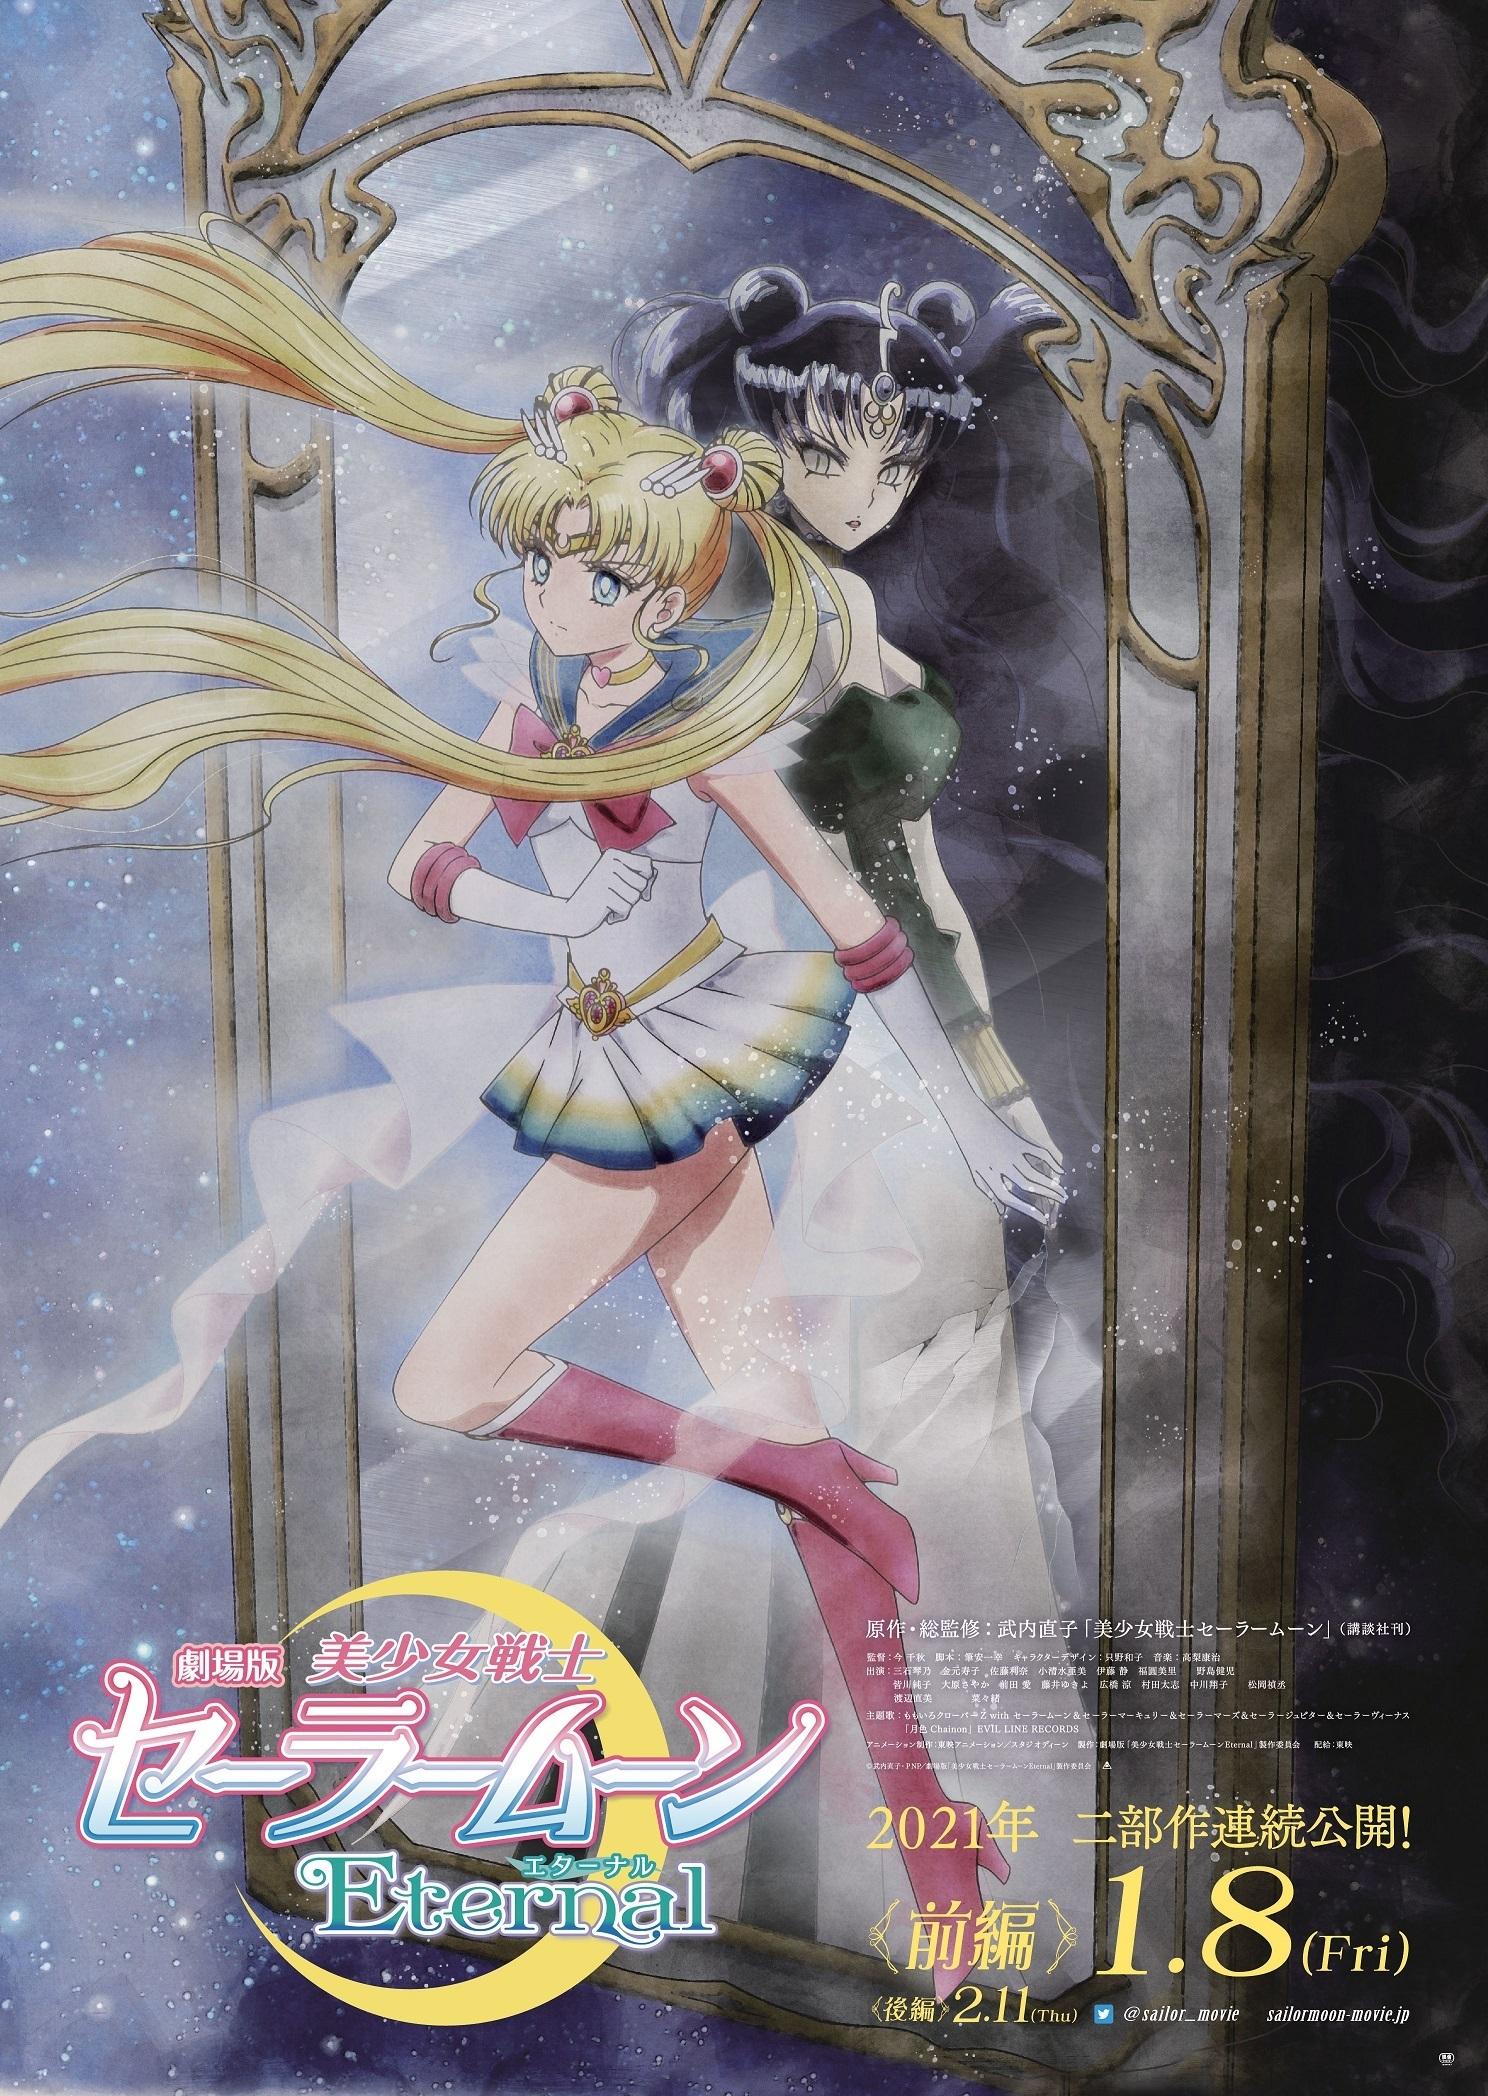 剧场版「美少女战士Eternal 前篇」 新视觉图公开